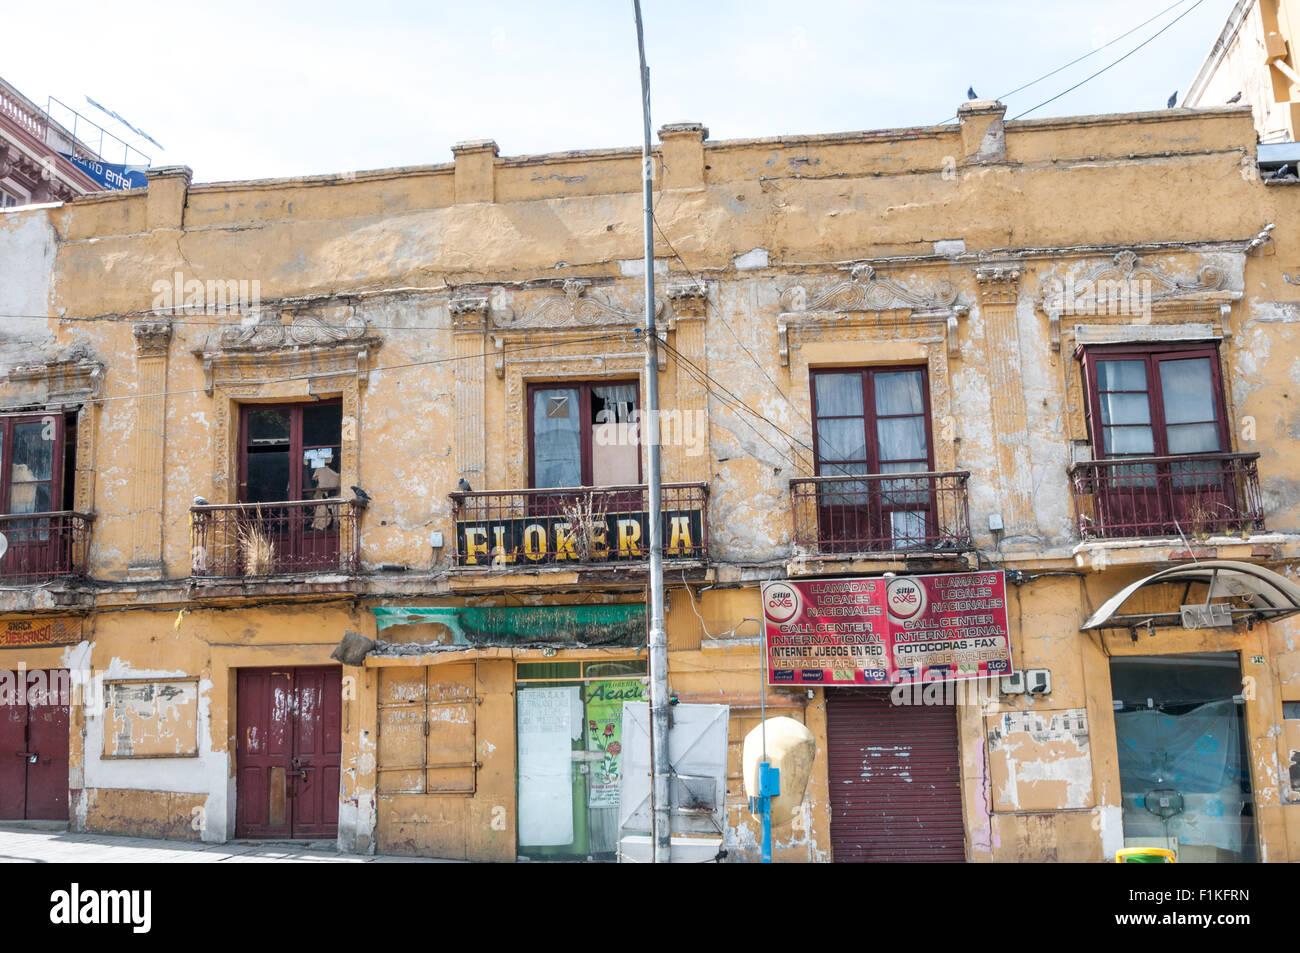 Plaza murillo in la paz bolivia south america stock photo 87096009 plaza murillo in la paz bolivia south america freerunsca Images